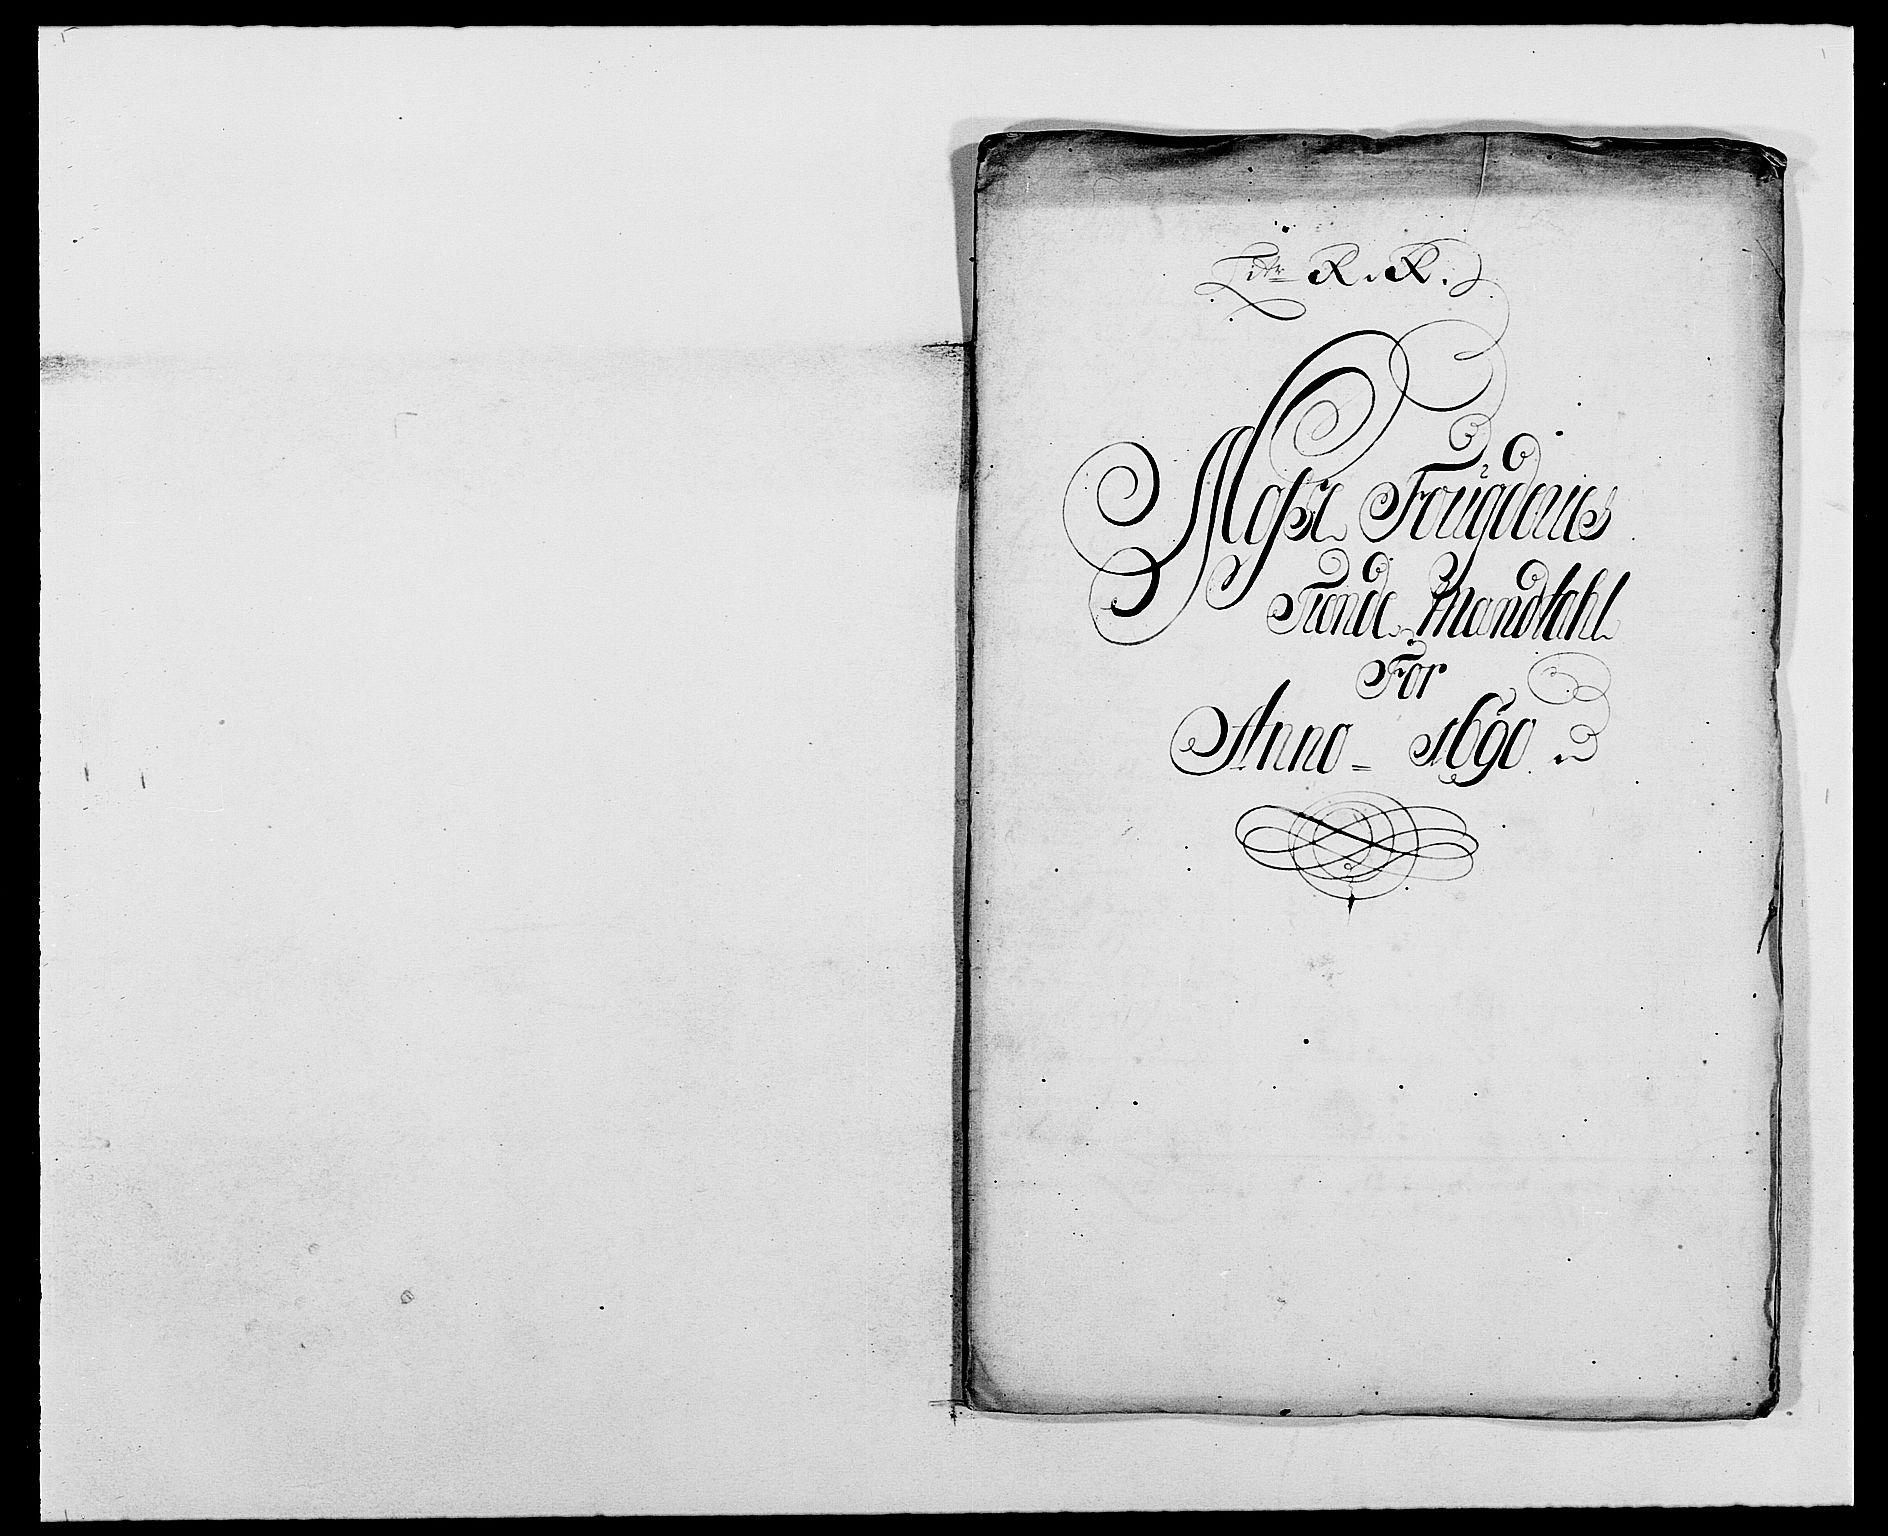 RA, Rentekammeret inntil 1814, Reviderte regnskaper, Fogderegnskap, R02/L0106: Fogderegnskap Moss og Verne kloster, 1688-1691, s. 319